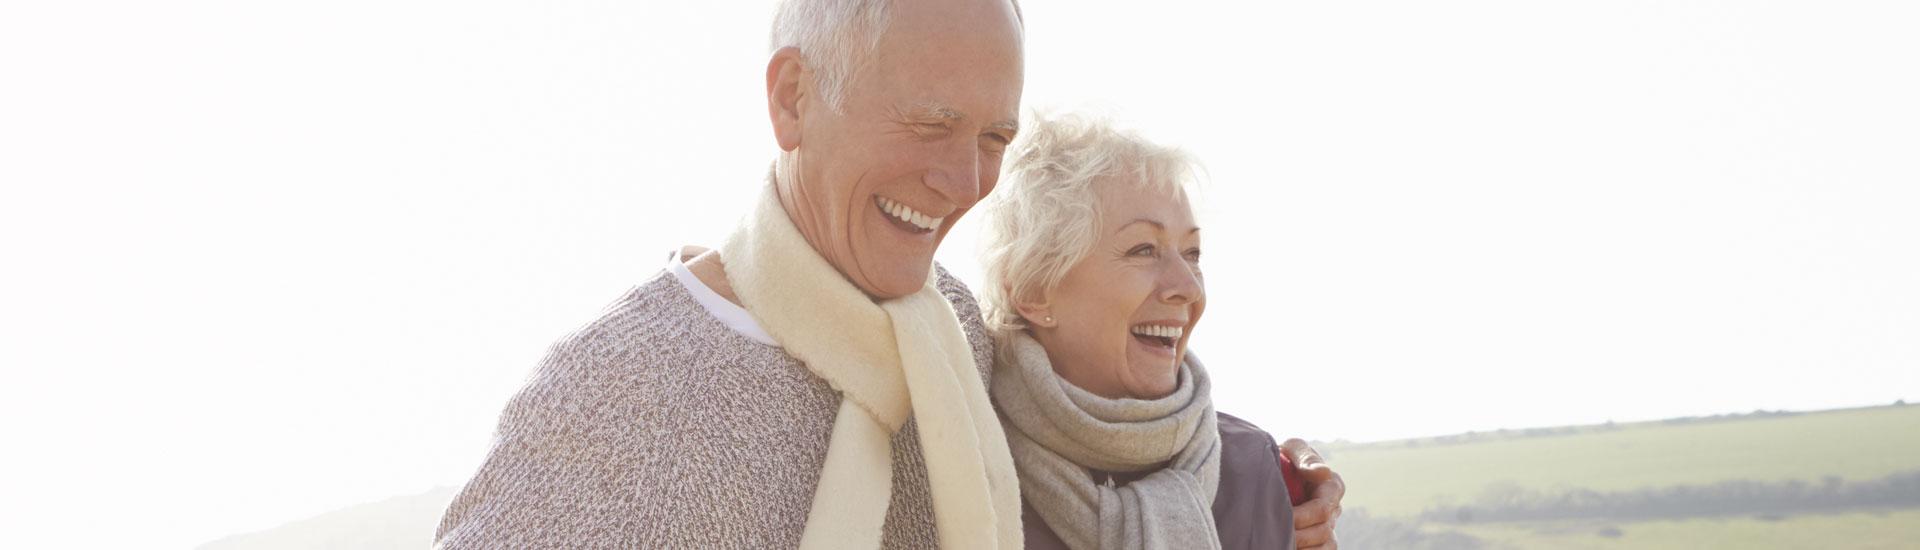 Prótesis dentales - Clínica Micale